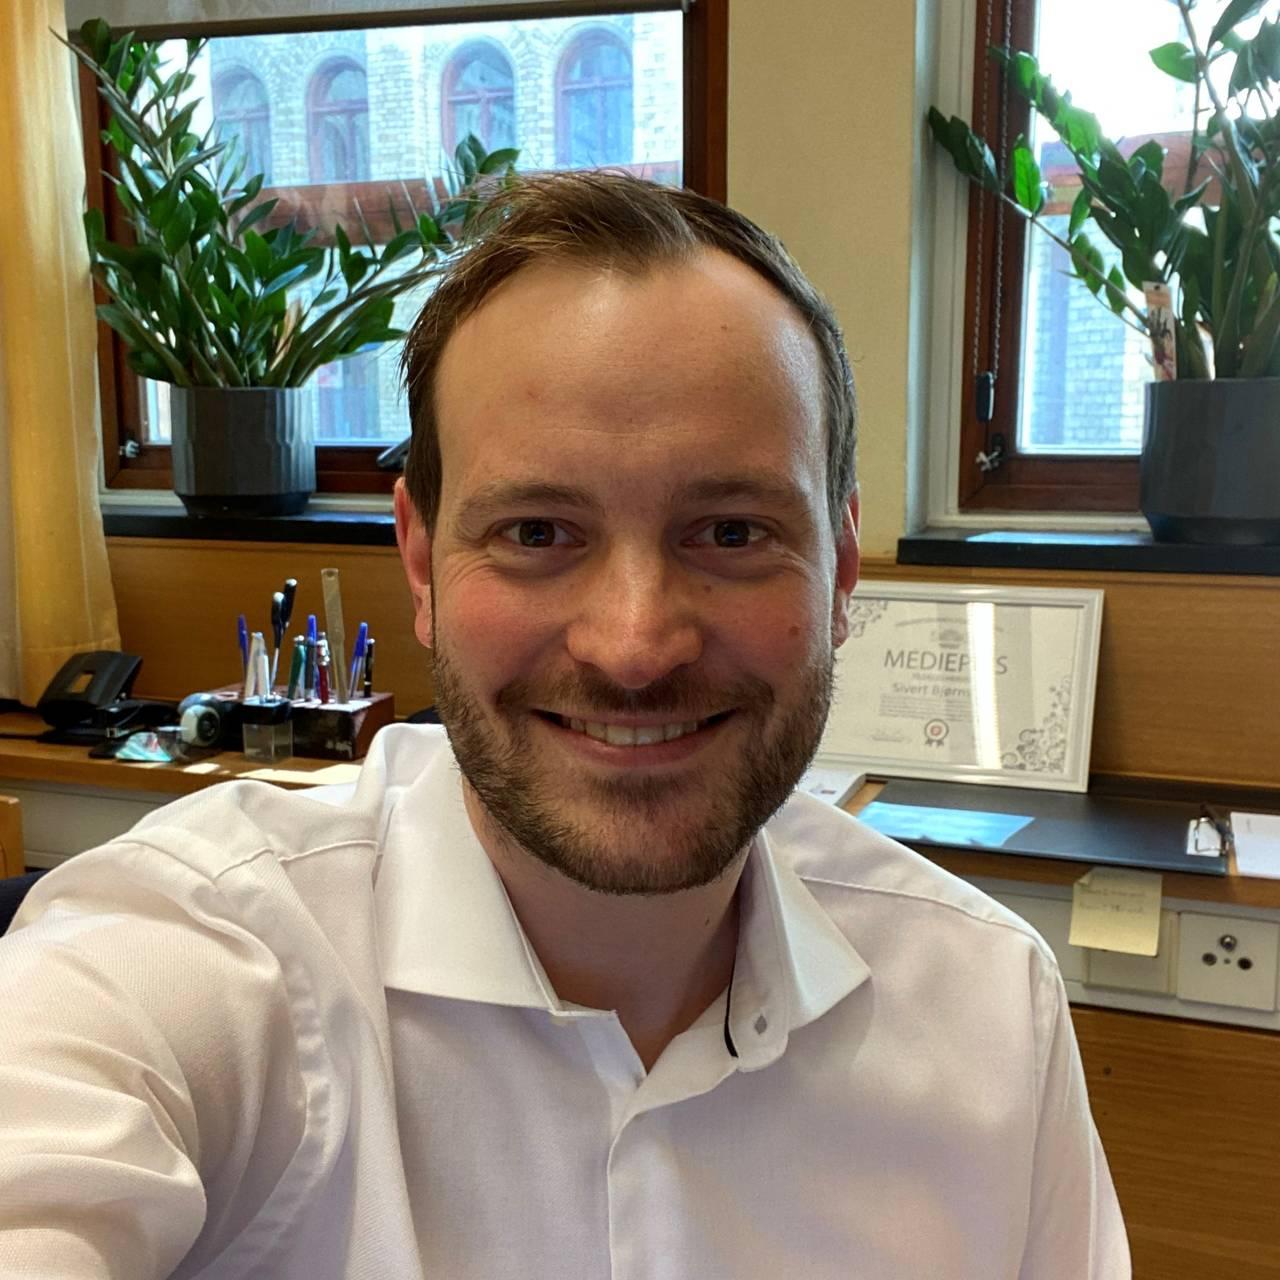 Bilde av Sivert Bjørnstad, stortingsrepresentant